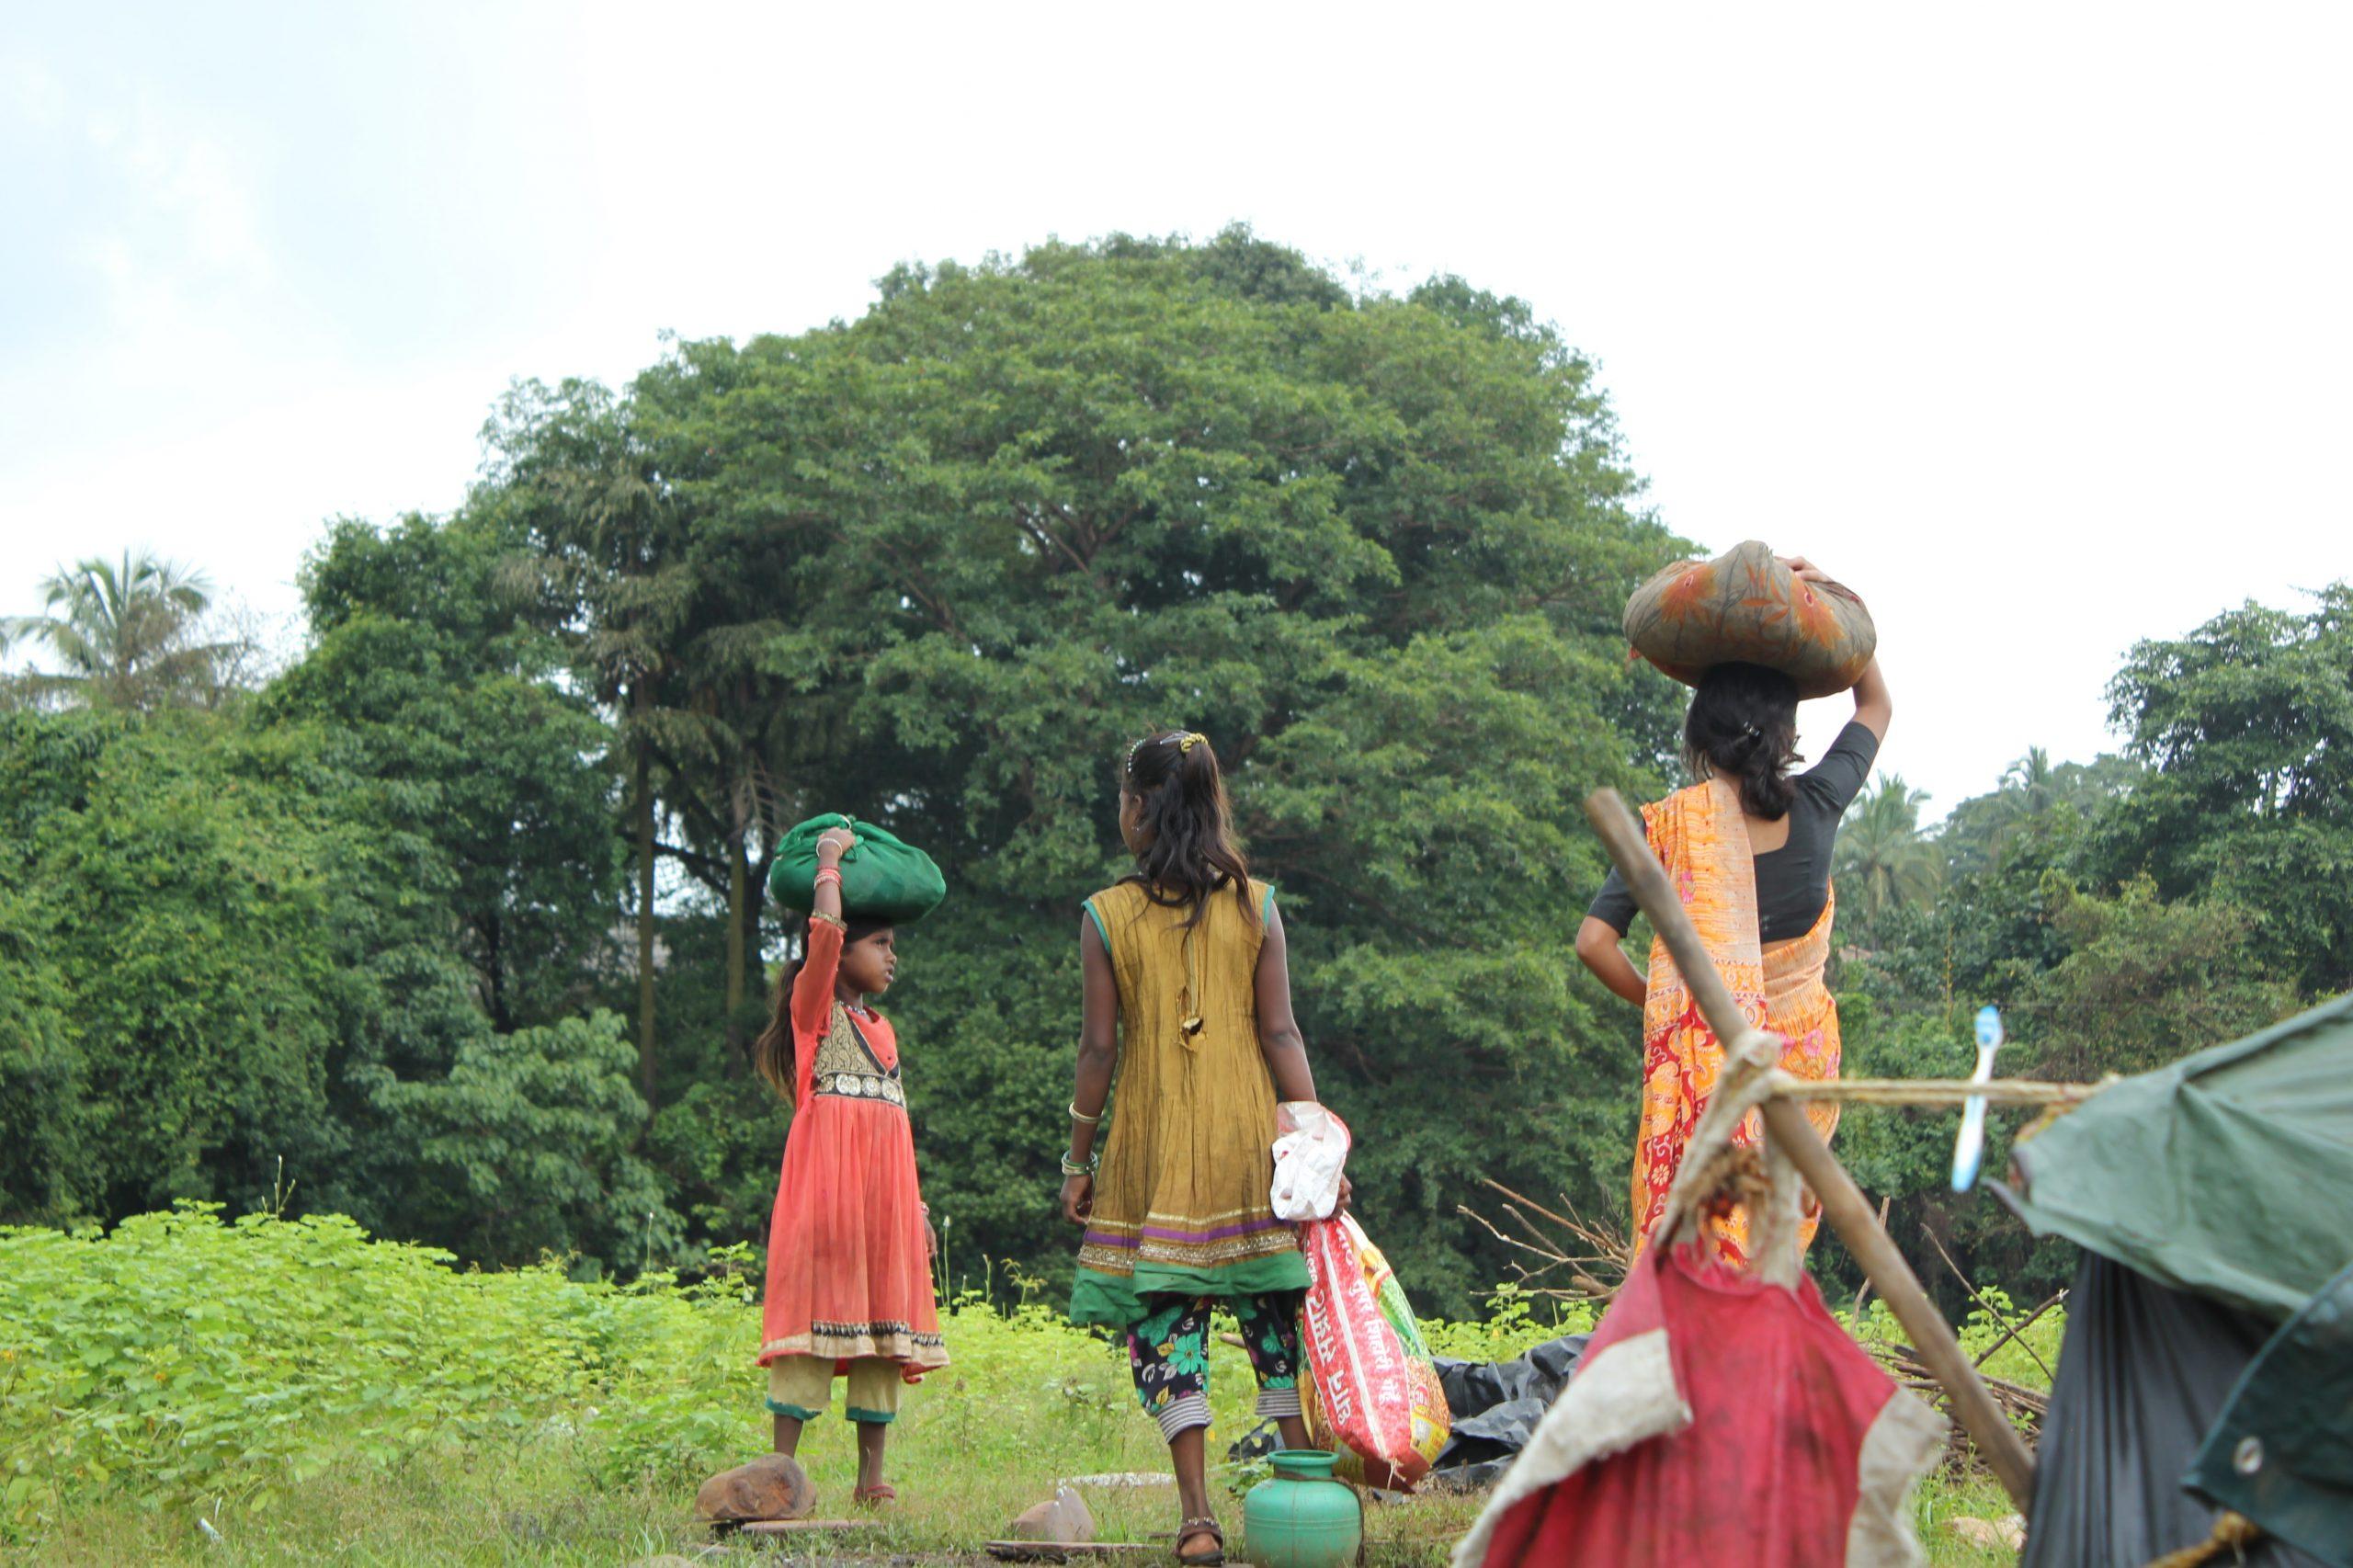 People of a slum area